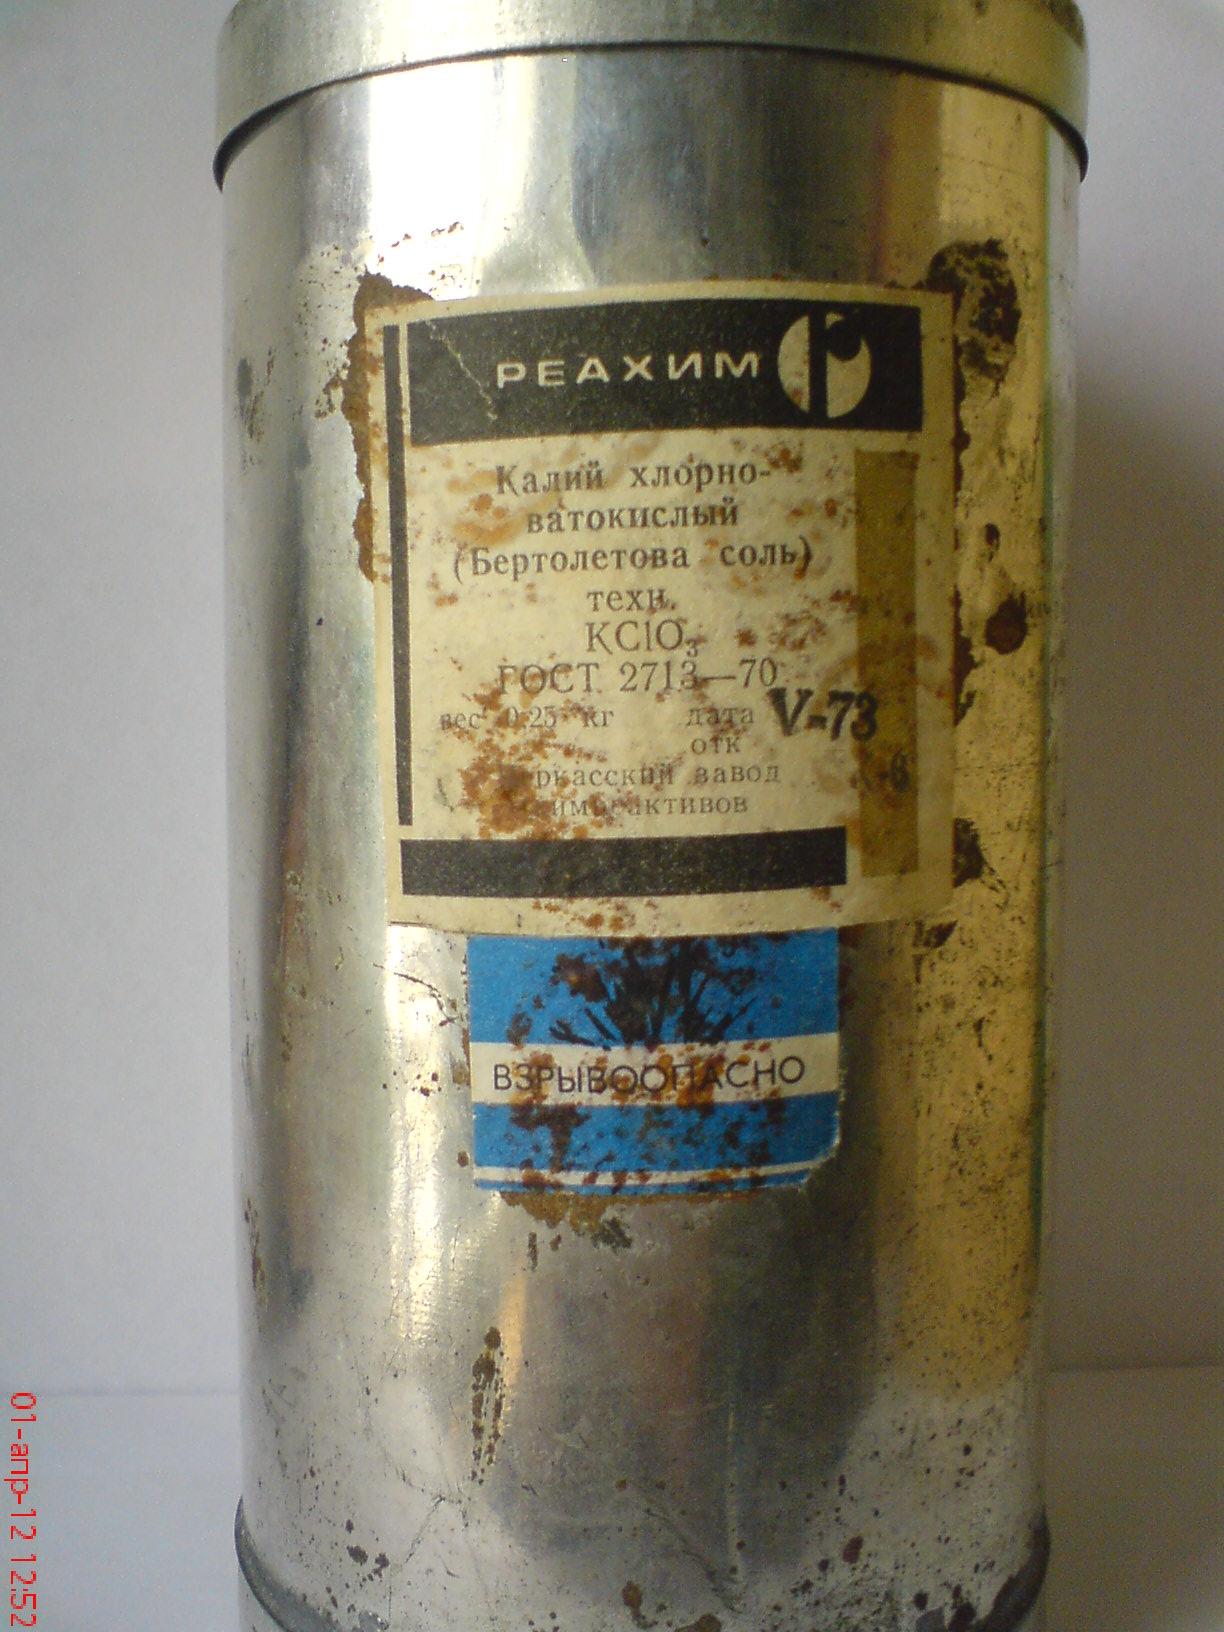 Бертолетова соль (хлорат калия)